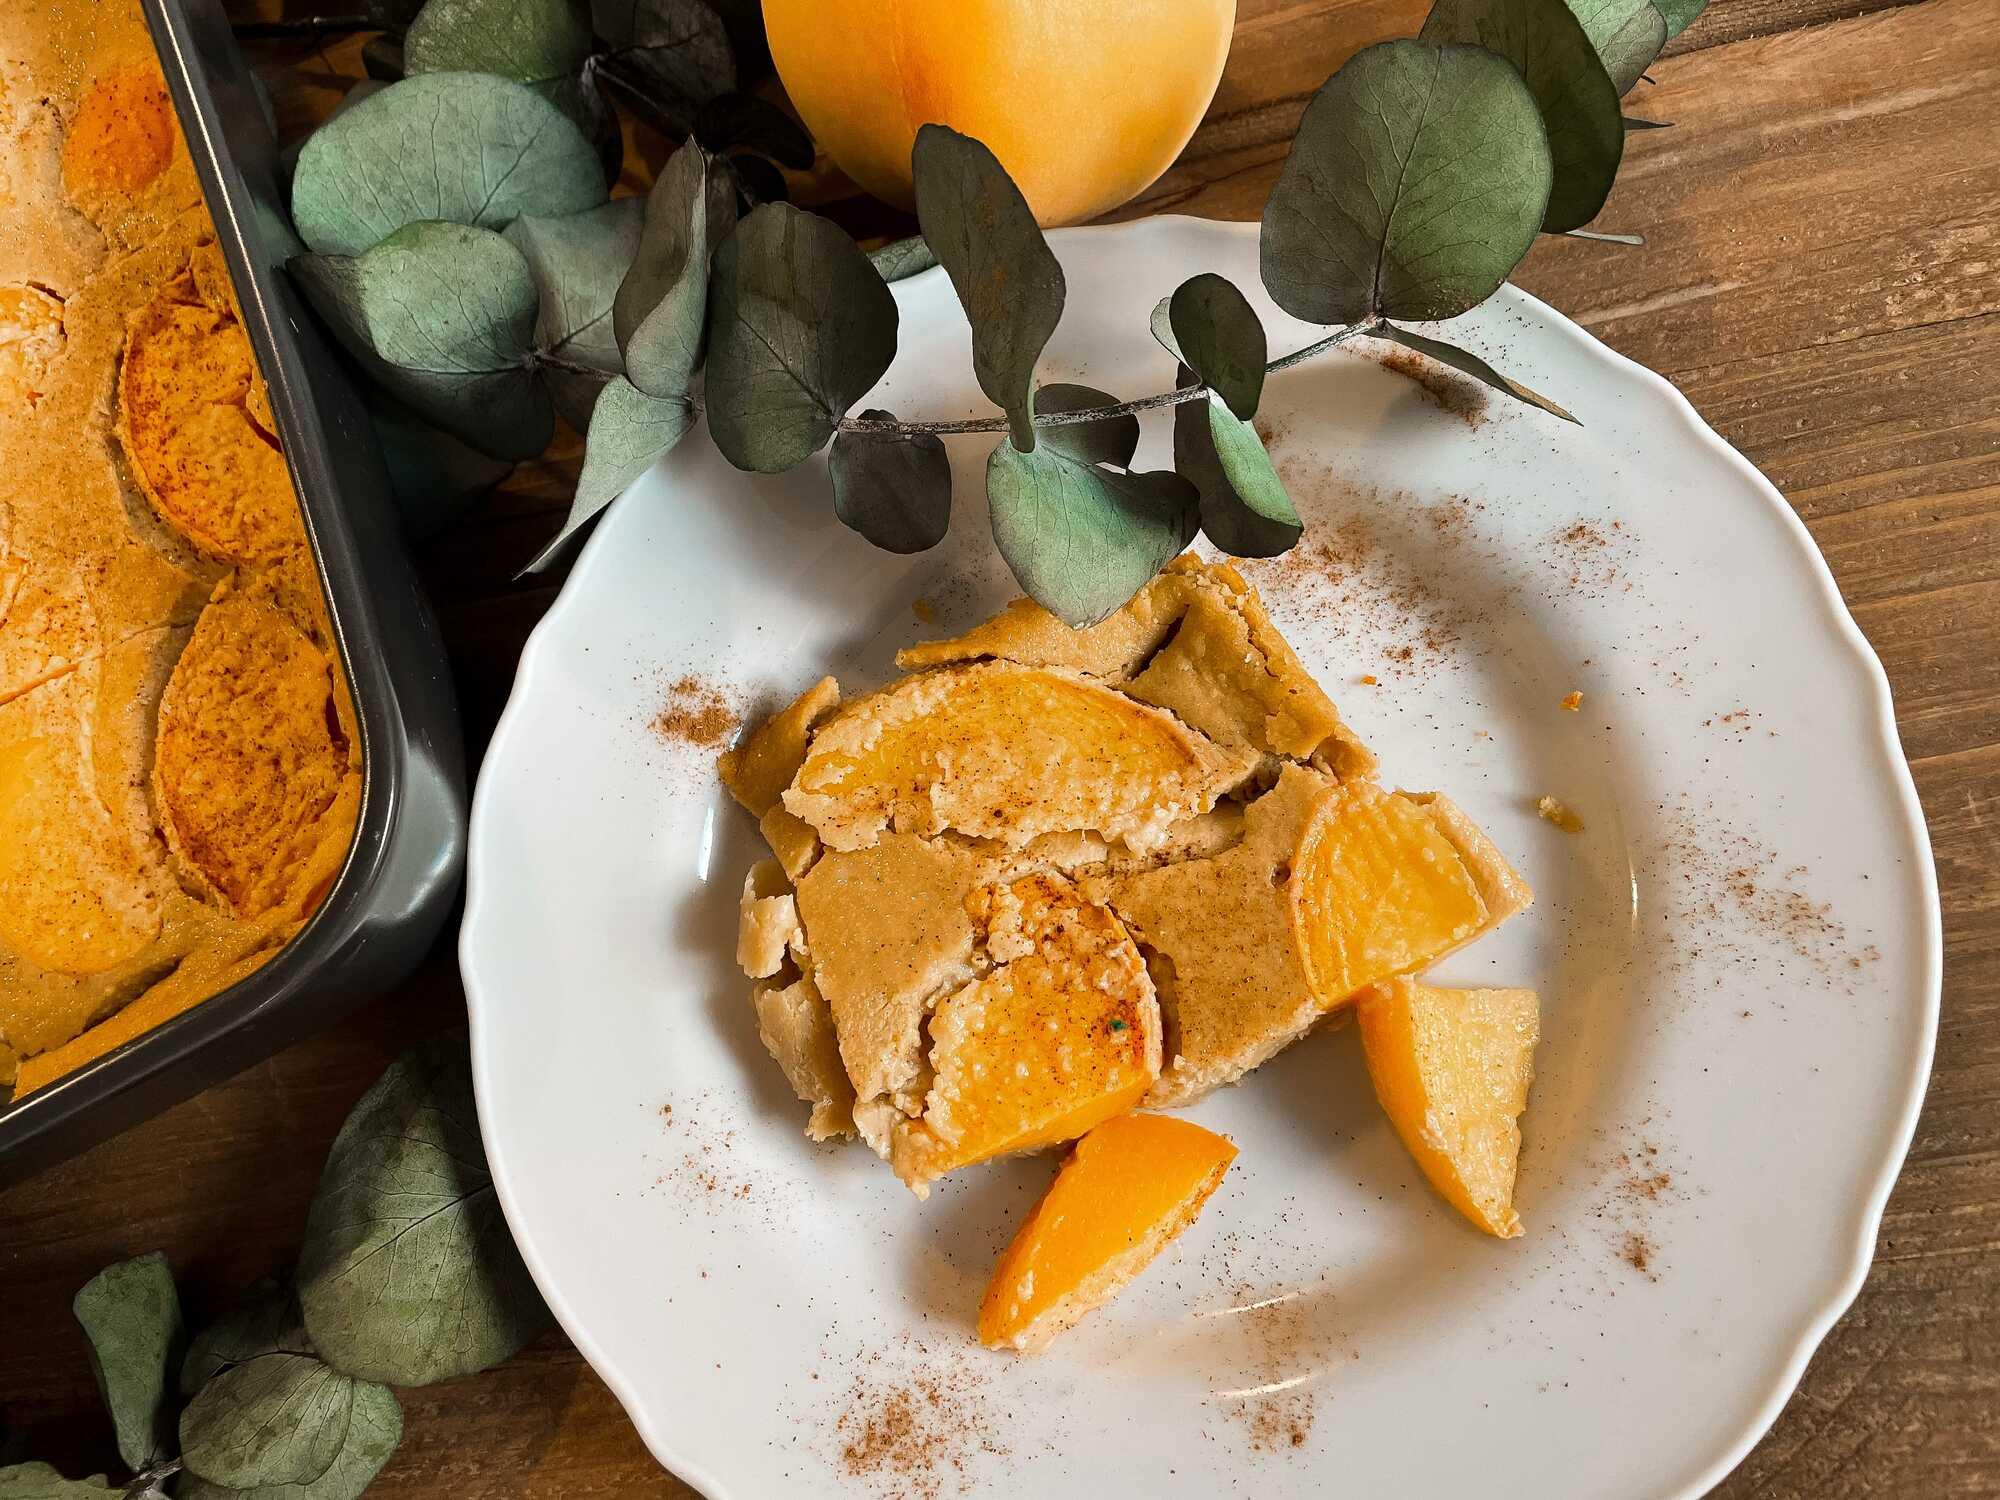 Le Cuajada après cuisson prend la couleur des pêches (jaune-orangé). Présenté dans une assiette creuse, il est coupé en morceaux inégaux.